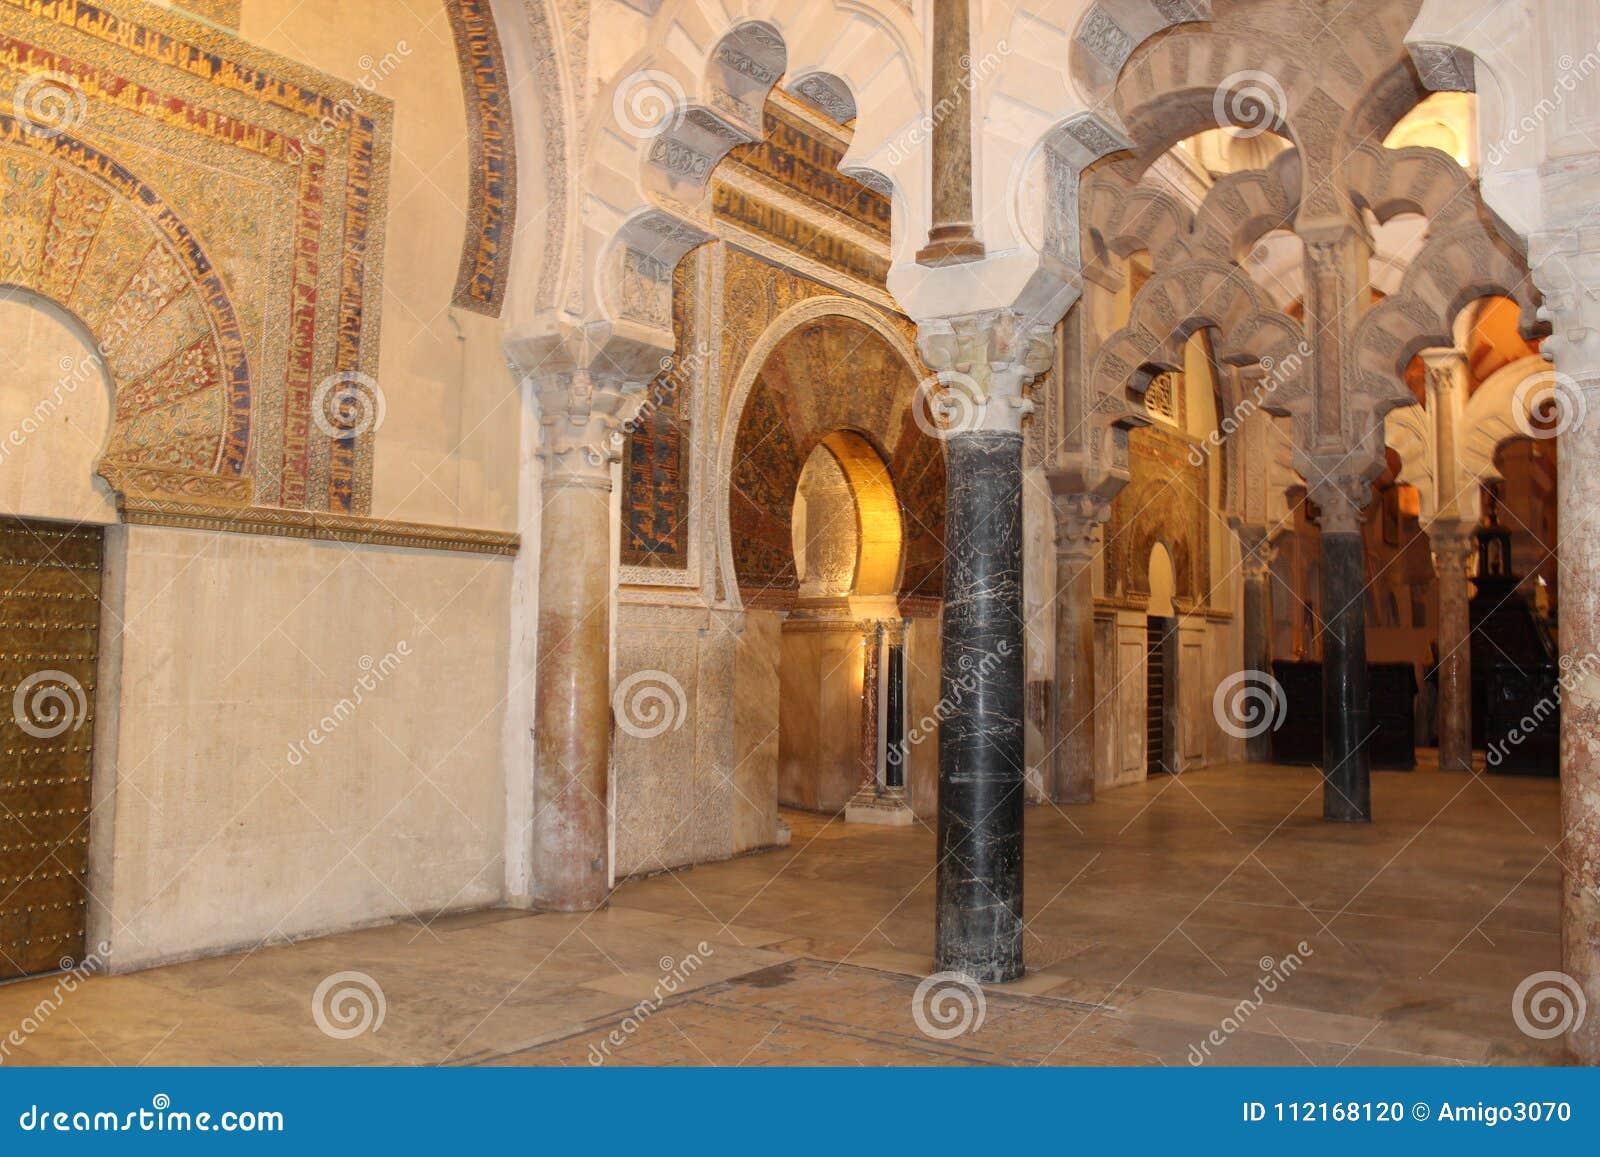 Den stora berömda inre för moské eller Mezquita i Cordoba, Spanien